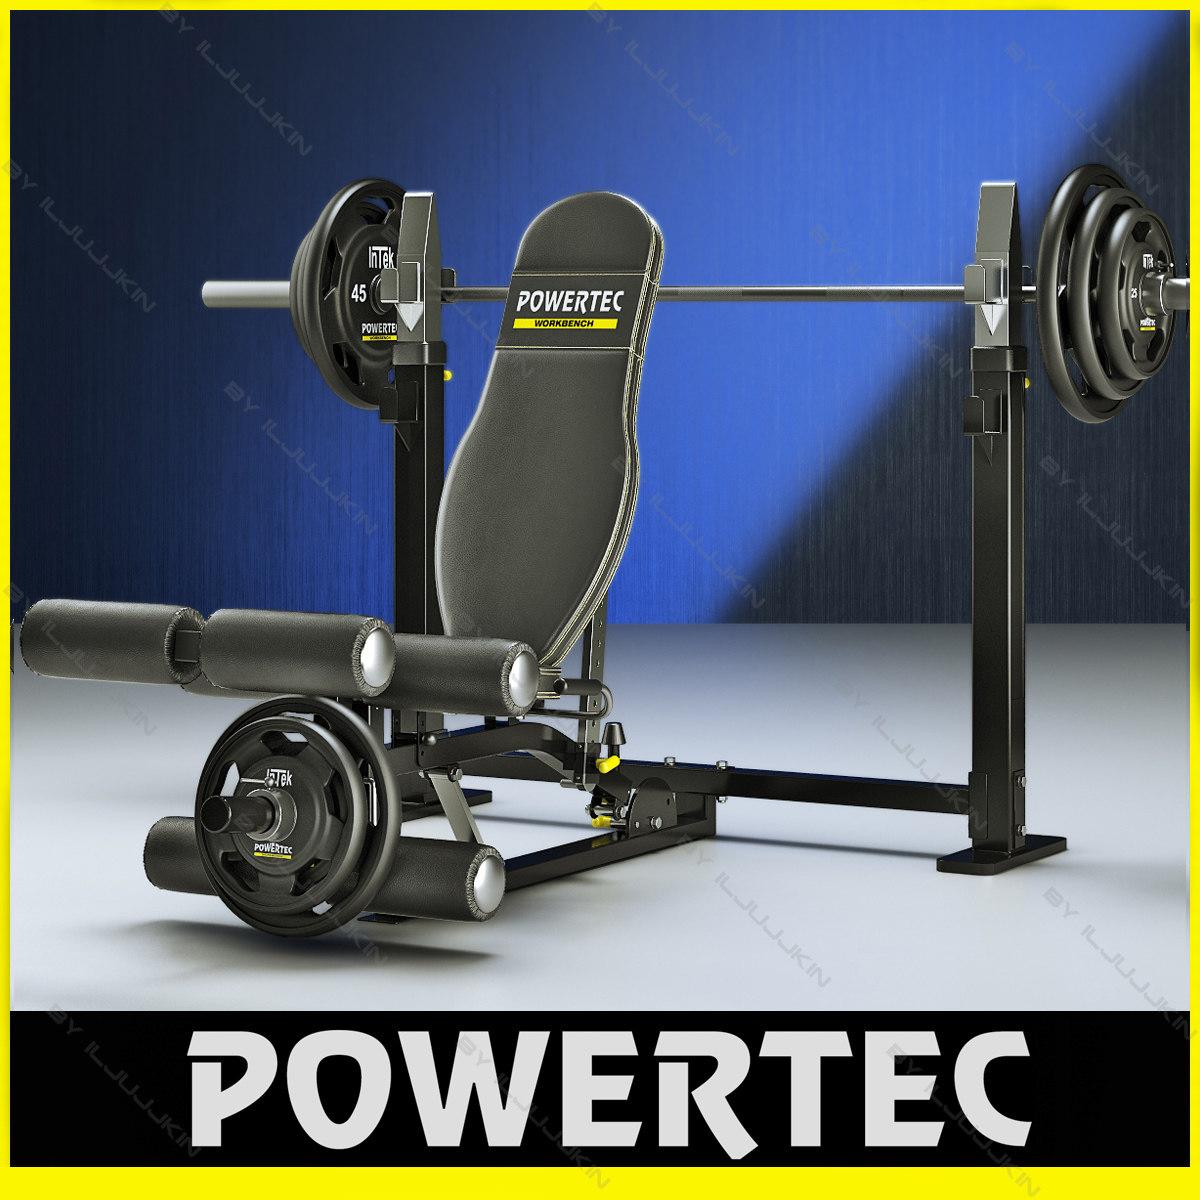 Powertec_WB-LLA10_logo.jpg